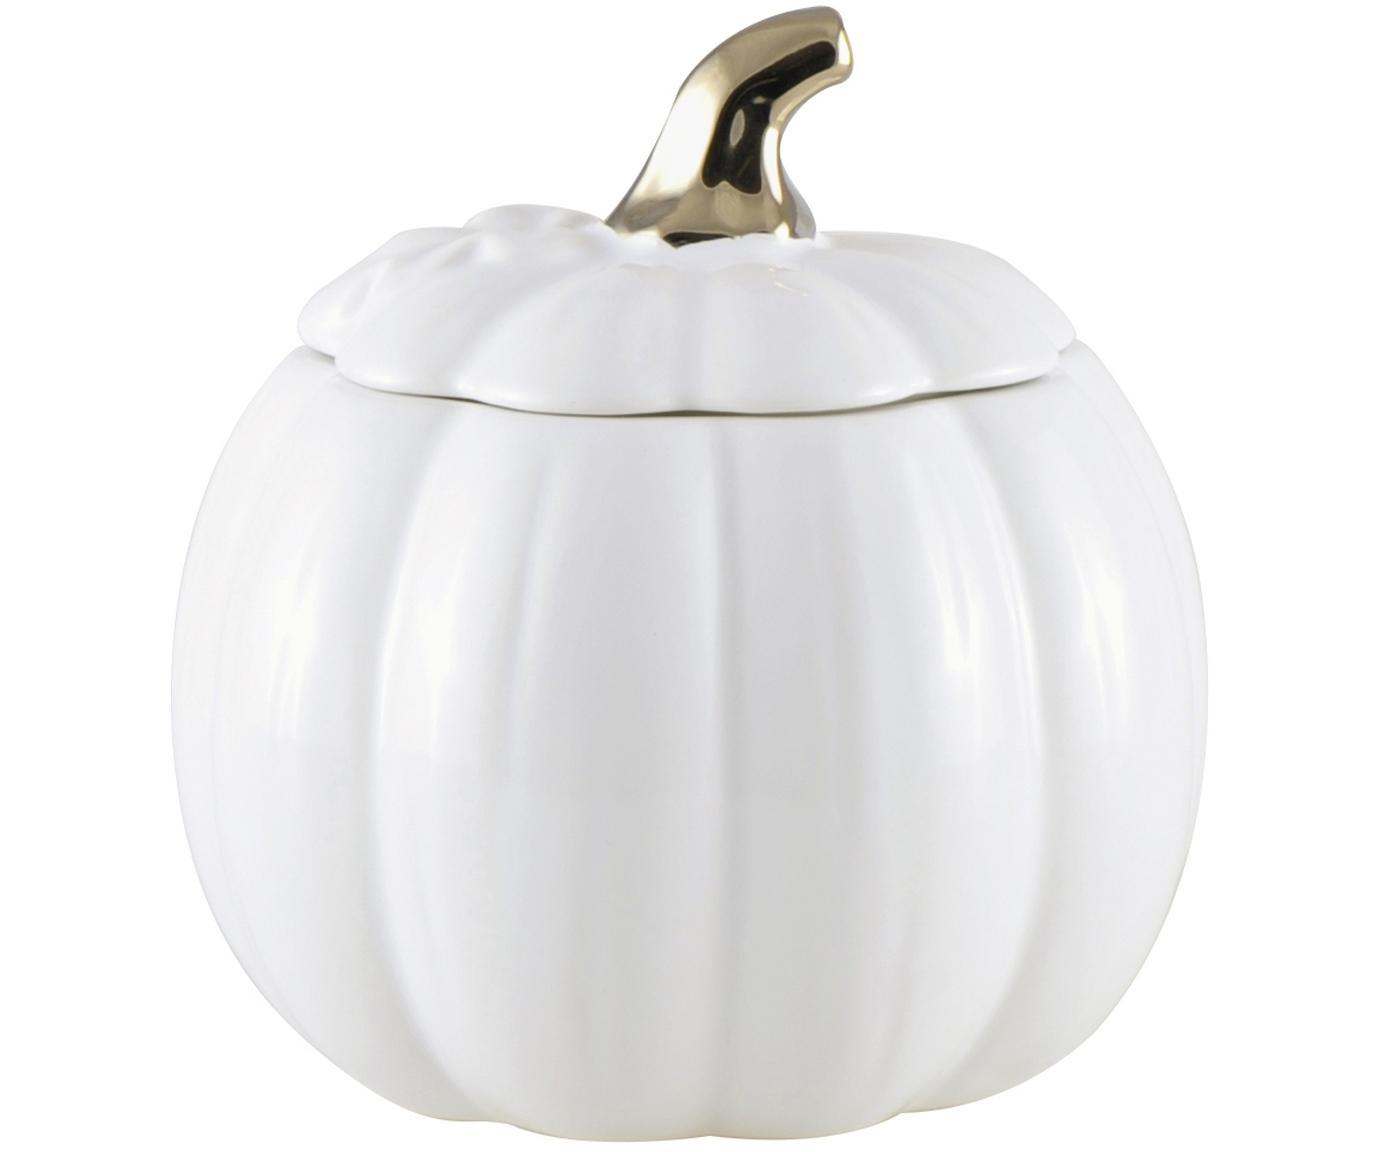 Aufbewahrungsdose Pumpkin, Keramik, Weiß, Goldfarben, Ø 18 x H 20 cm